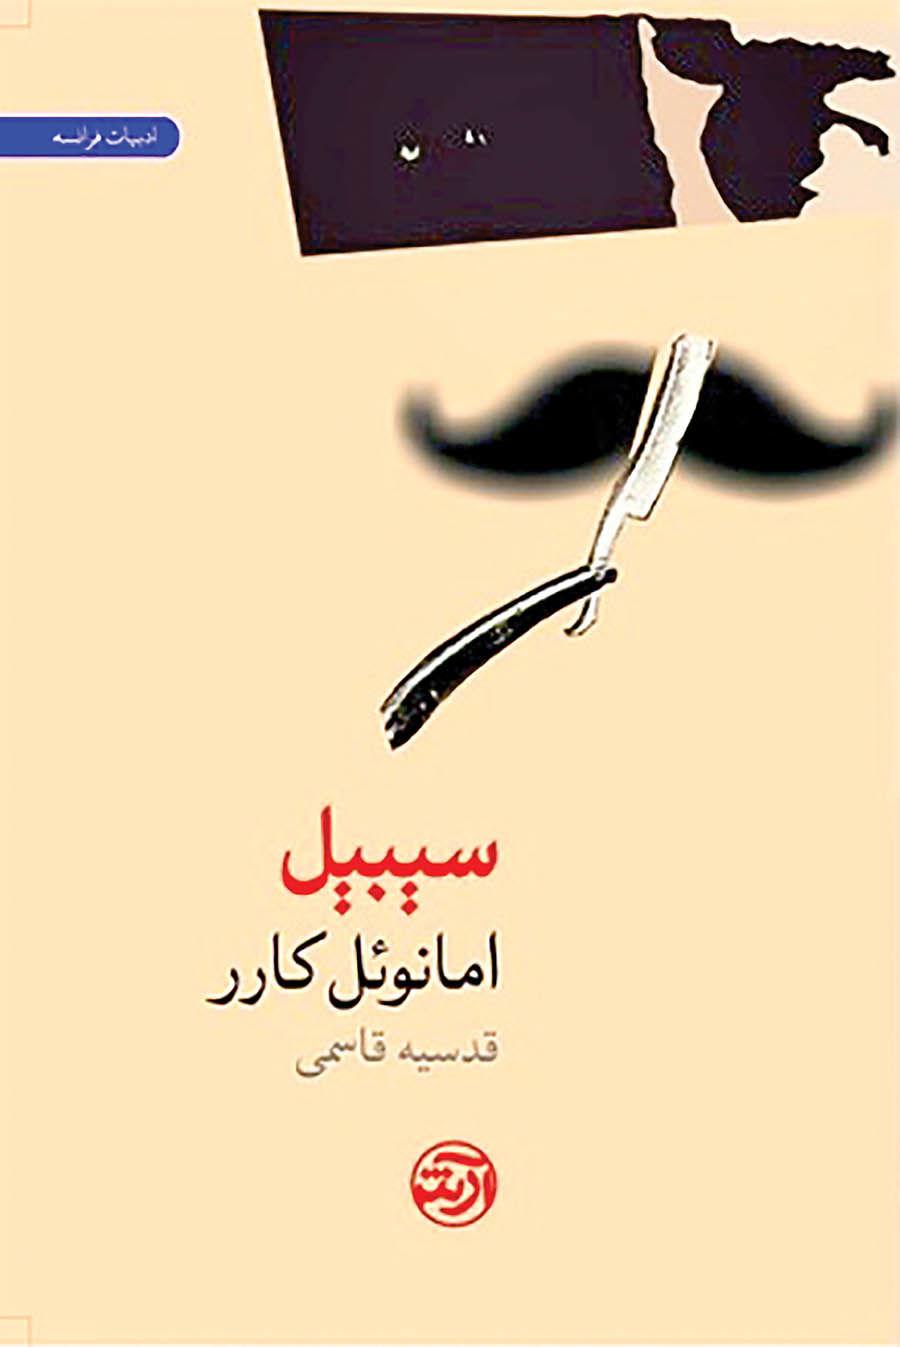 پیامدهای حذف سیبیل در یک رمان